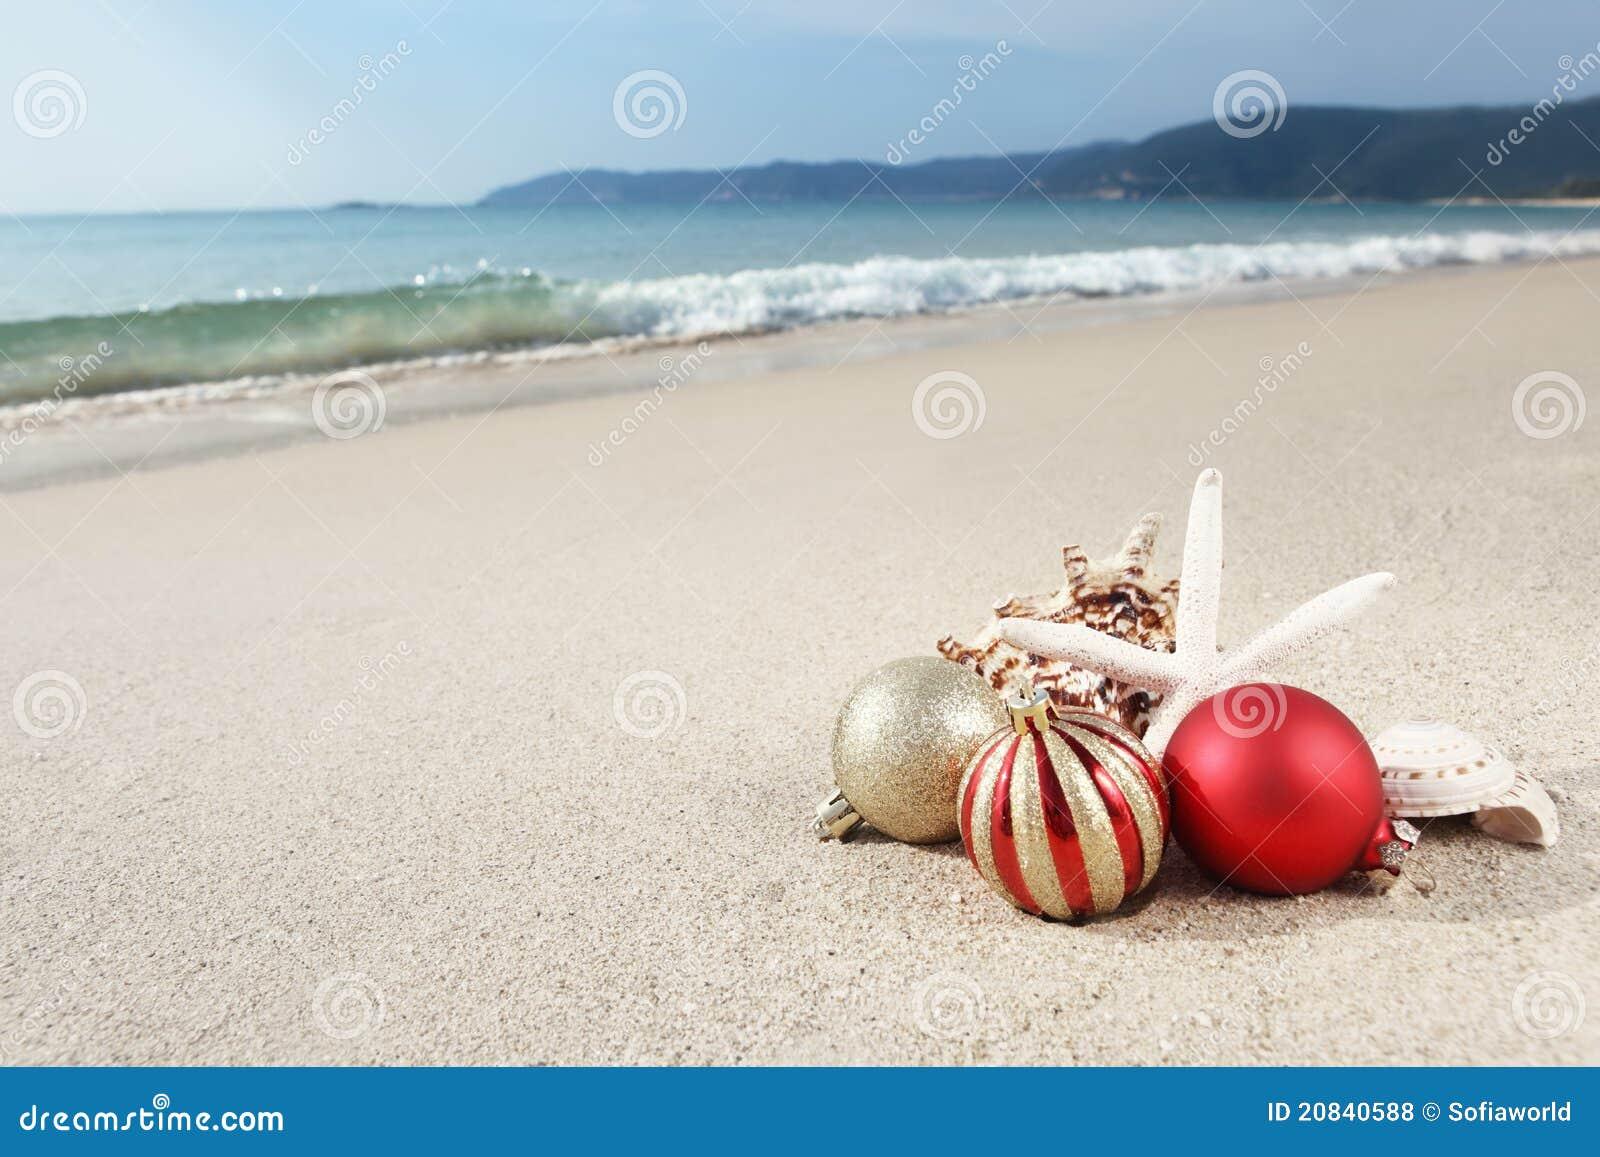 christmas at the beach - Beach Christmas